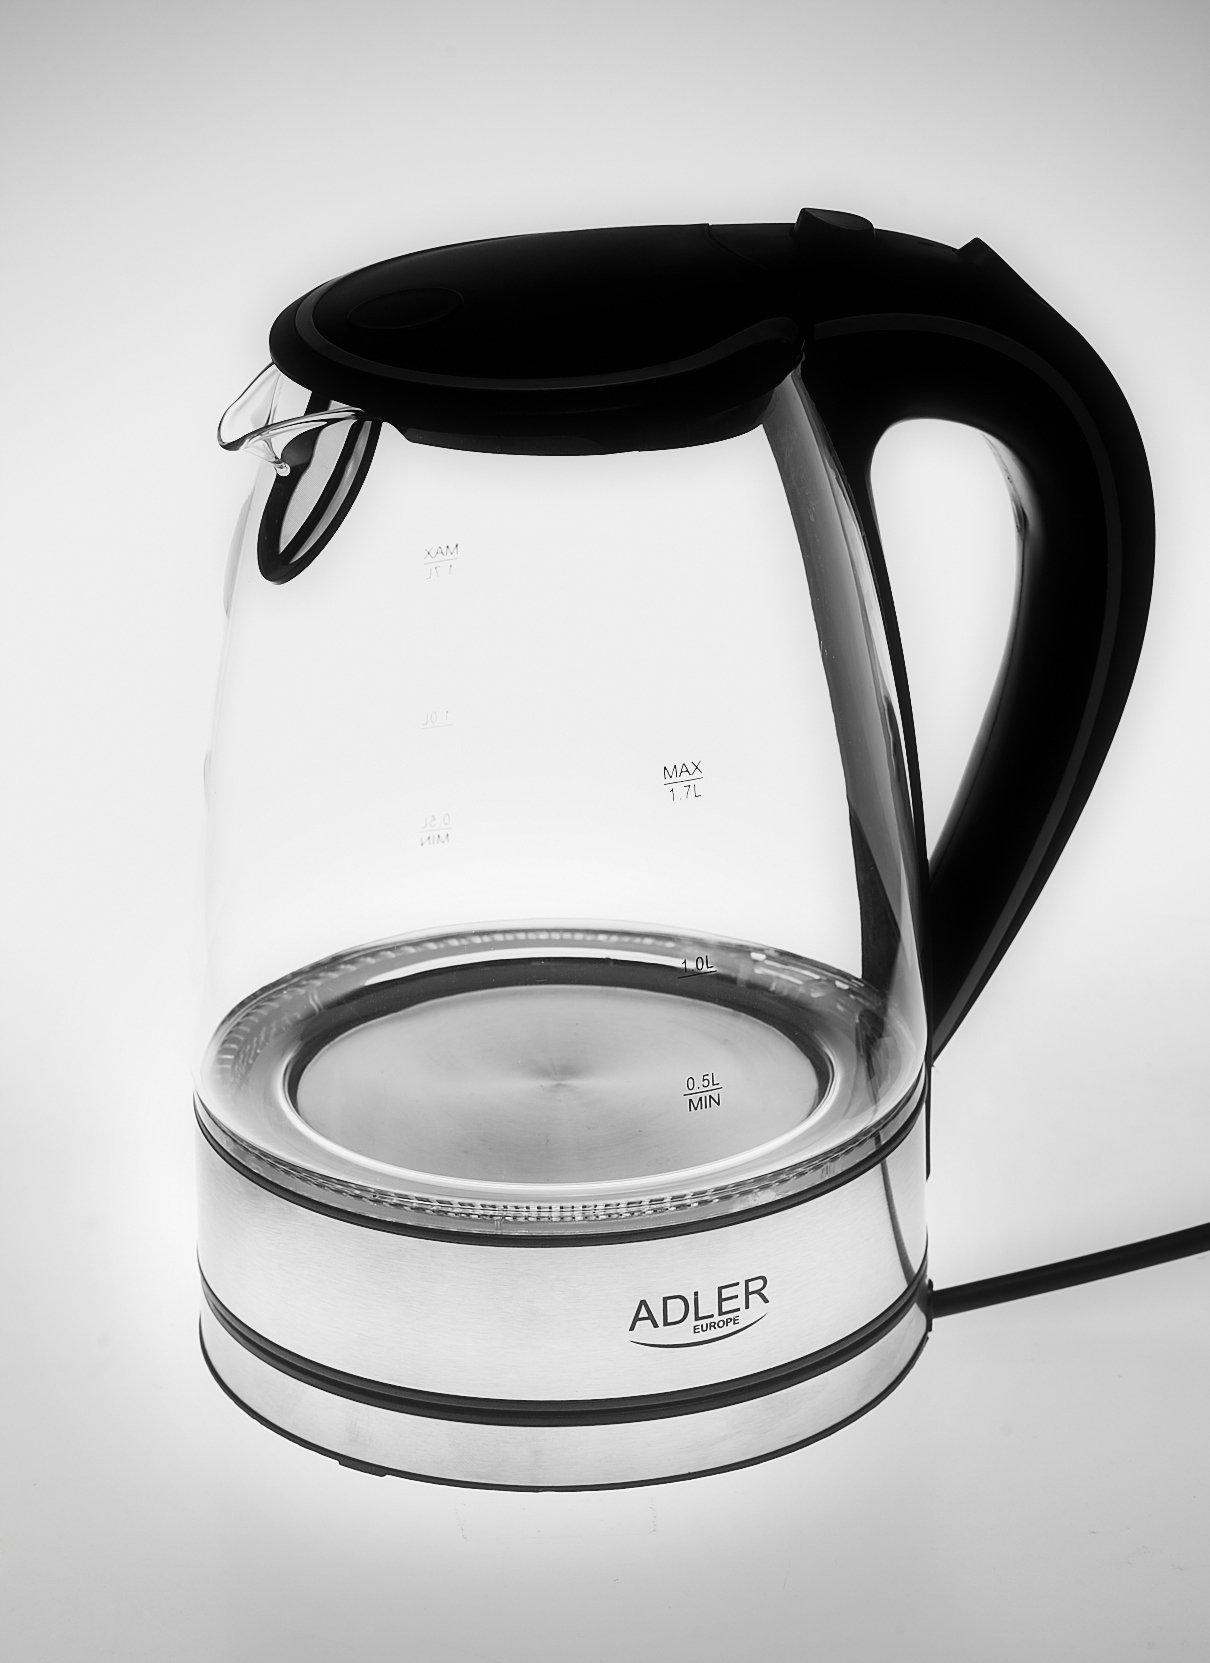 Adler Kettle Made of Glass AD 1225